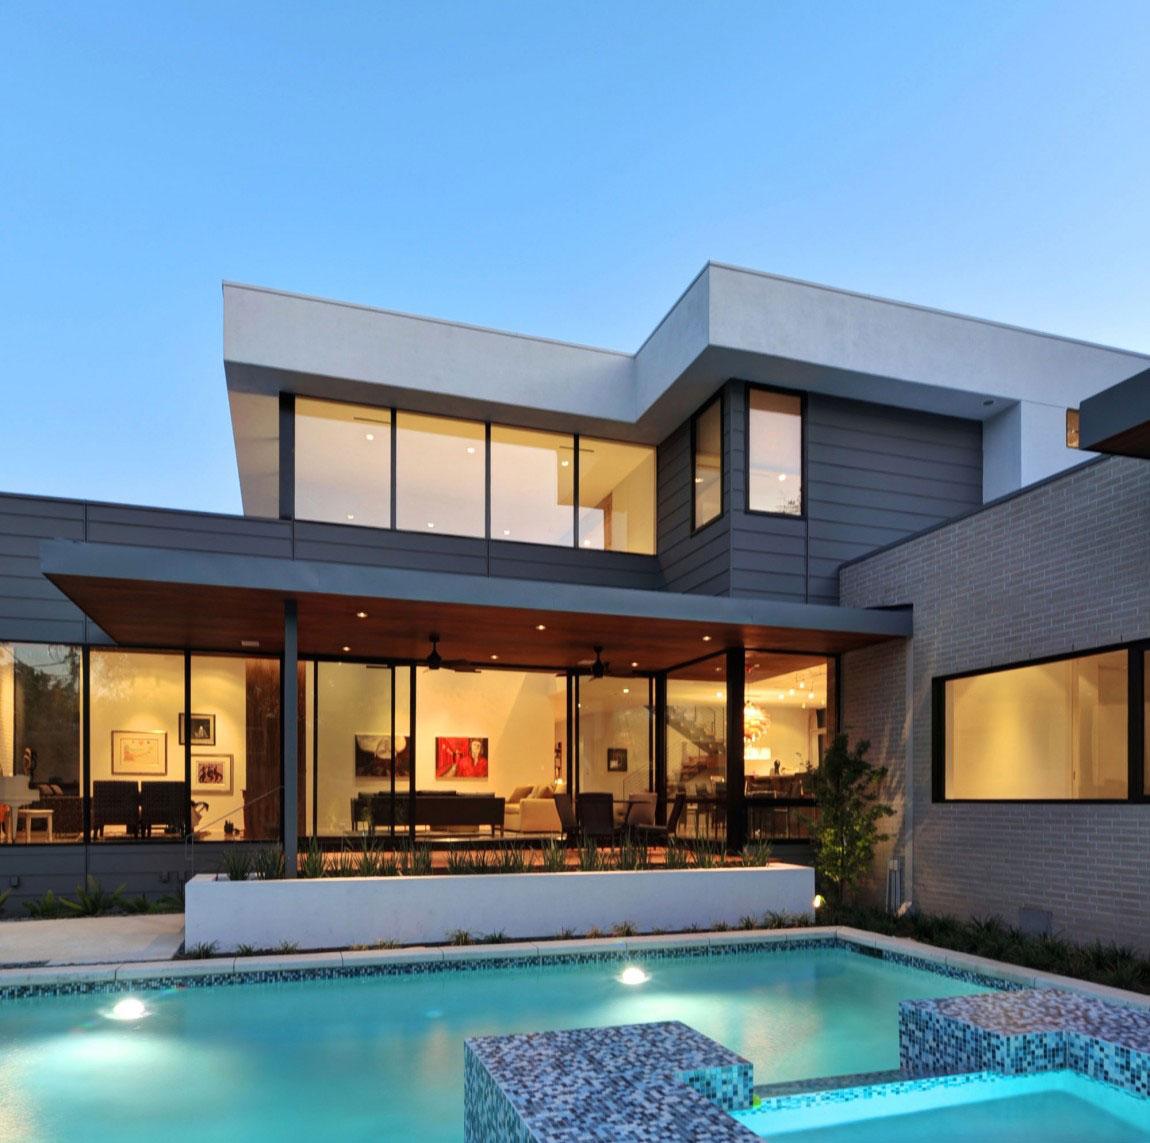 Vackert hollyhus, designat av ett arkitektfirma StudioMET-16 Vackert hollyhus, designat av ett arkitektfirma StudioMET